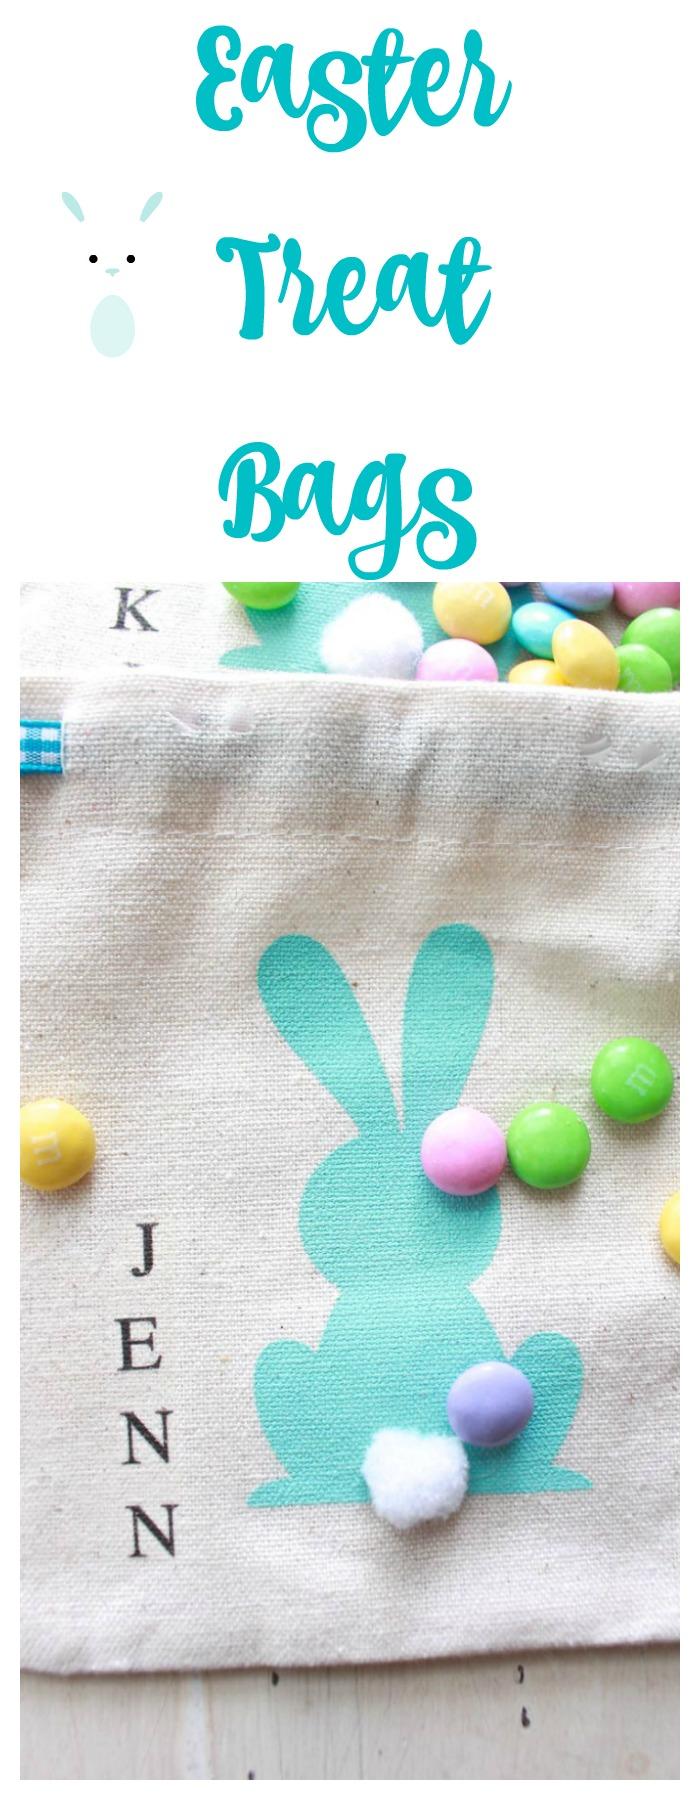 Ester Treat Bags Graphic